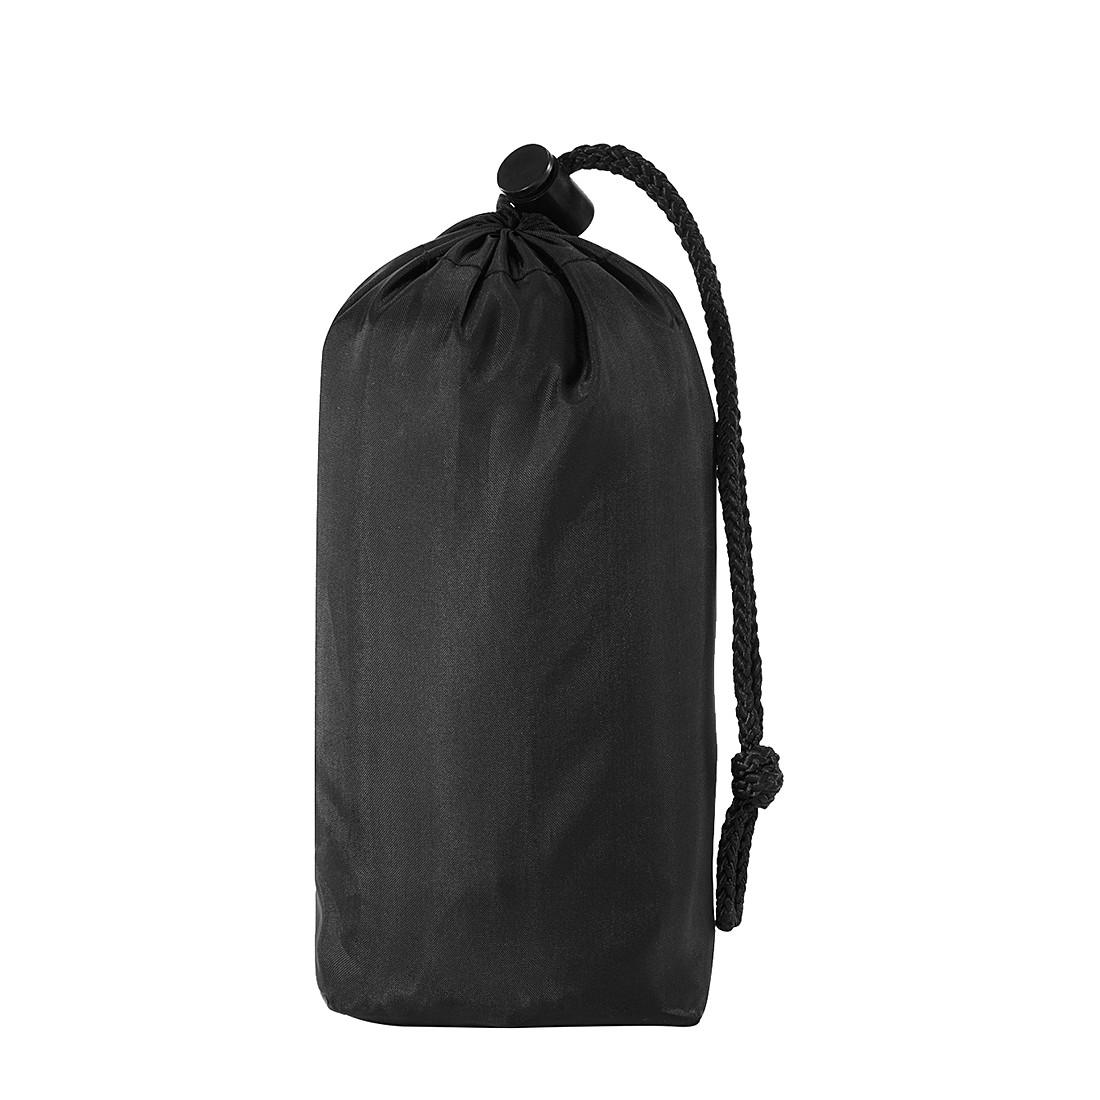 PONCHO Regenjacke schwarz – 100% Polyester schwarz, Reisenthel Accessoires kaufen